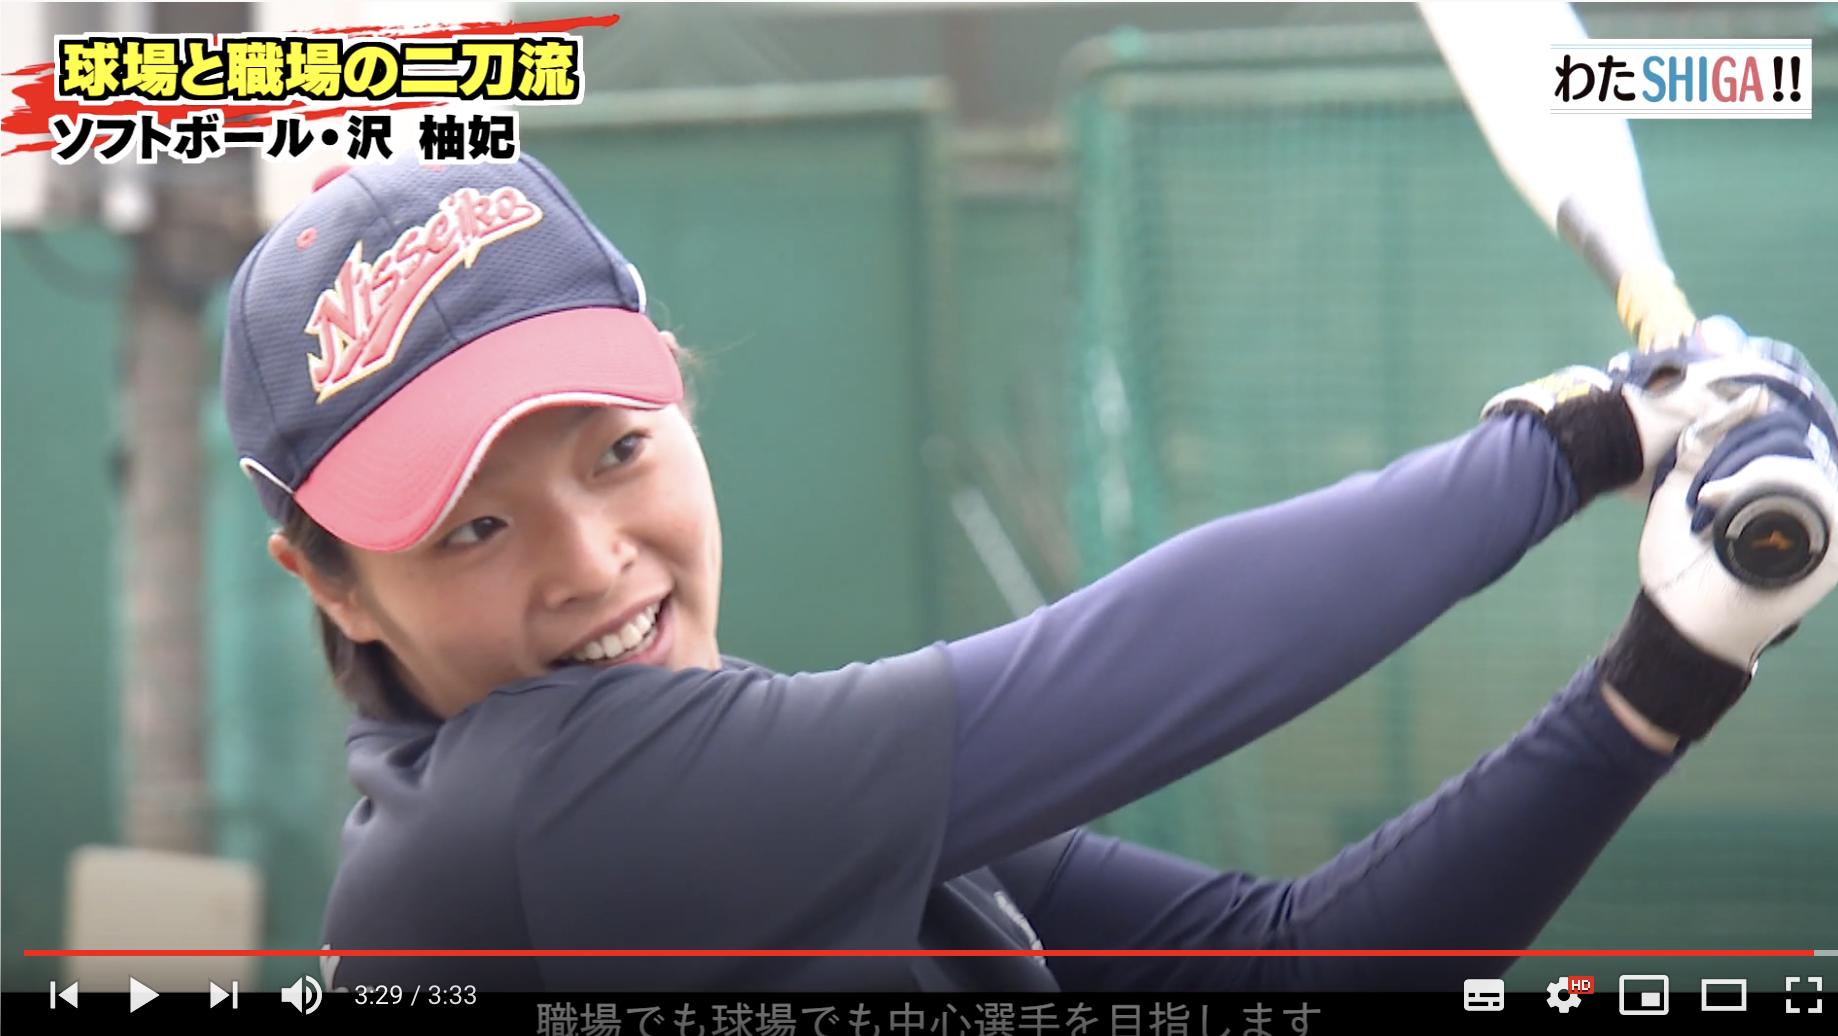 沢柚妃選手がびわ湖放送の番組で取り上げられました